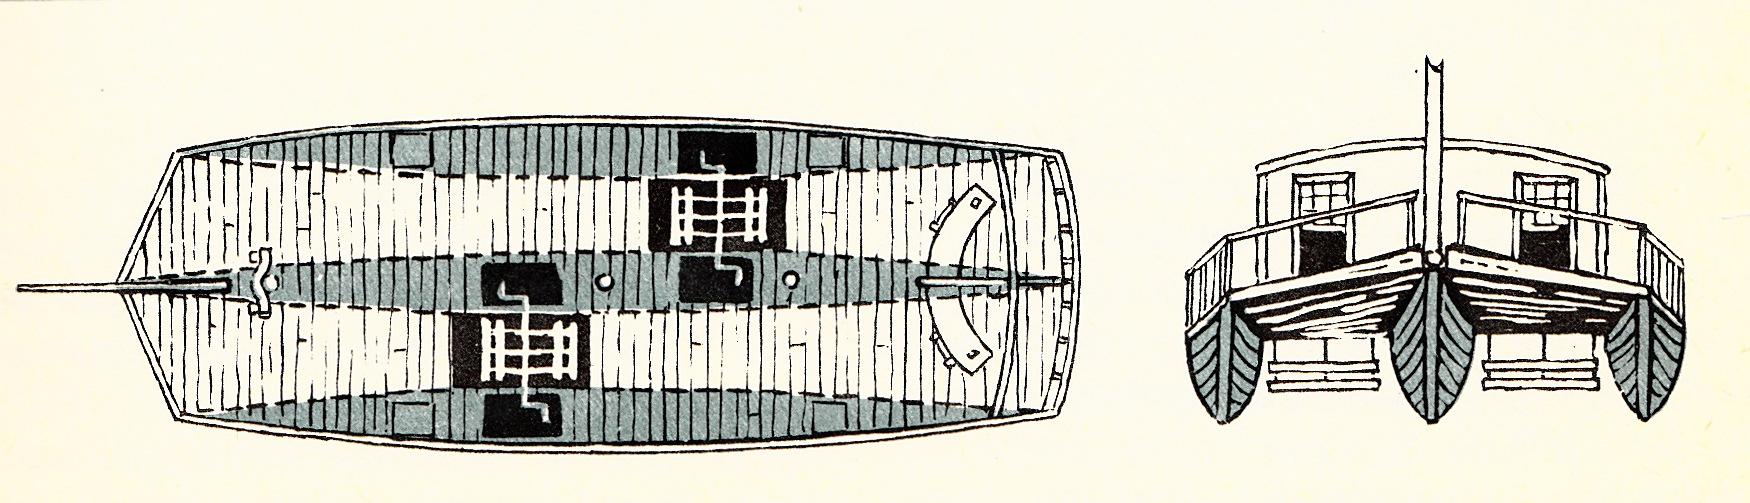 Najstarszy trójkadłubowiec zbudowany w 1786 roku